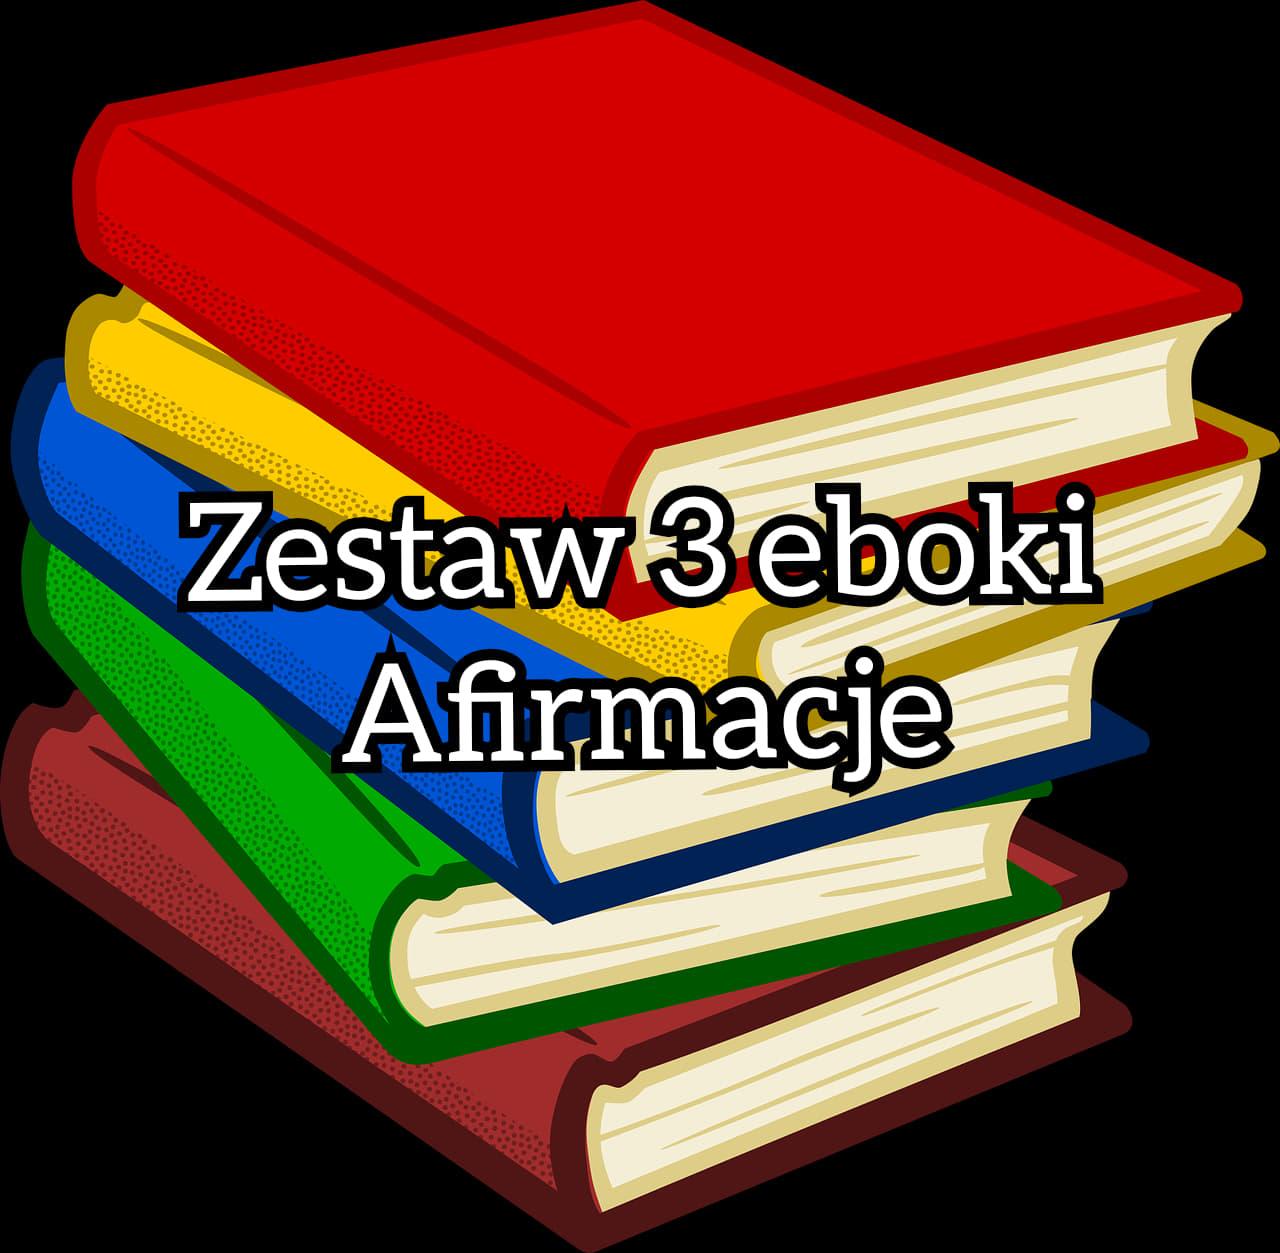 zestaw 3 ebooki – afirmacje